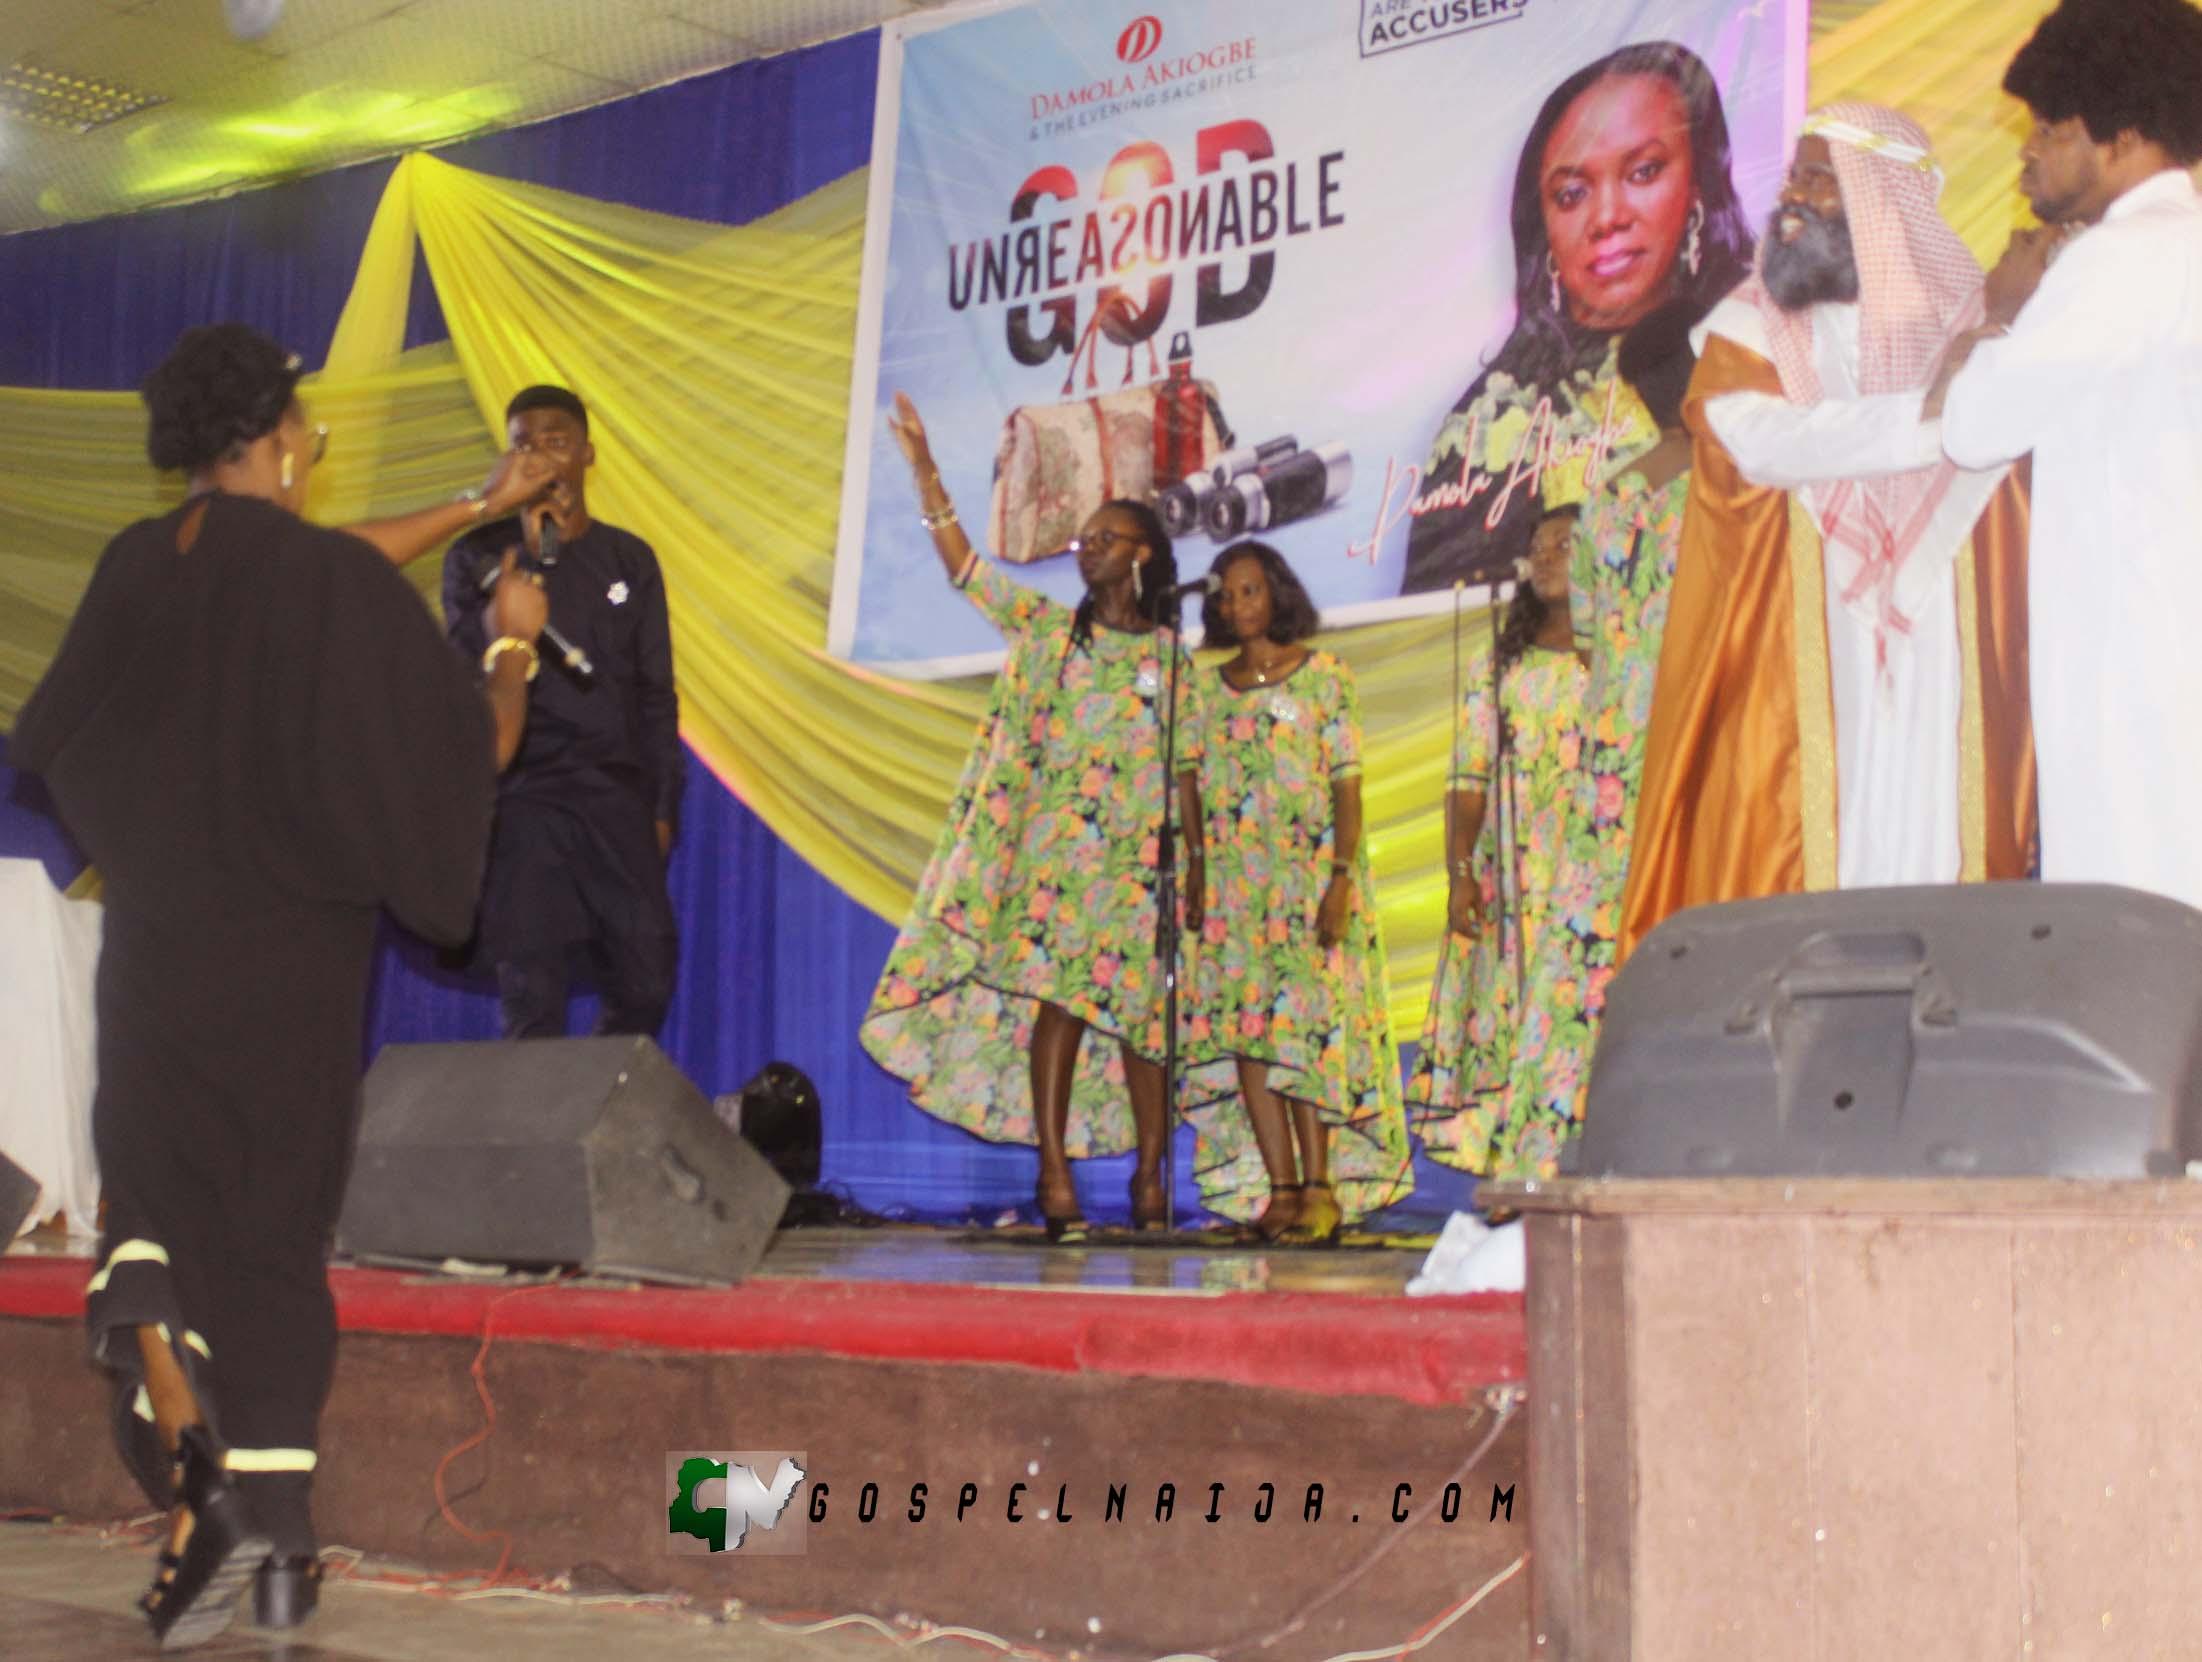 UNREASONABLE GOD with Damola Akiogbe WAYA 2017 [@DamolaWAYA] (22)